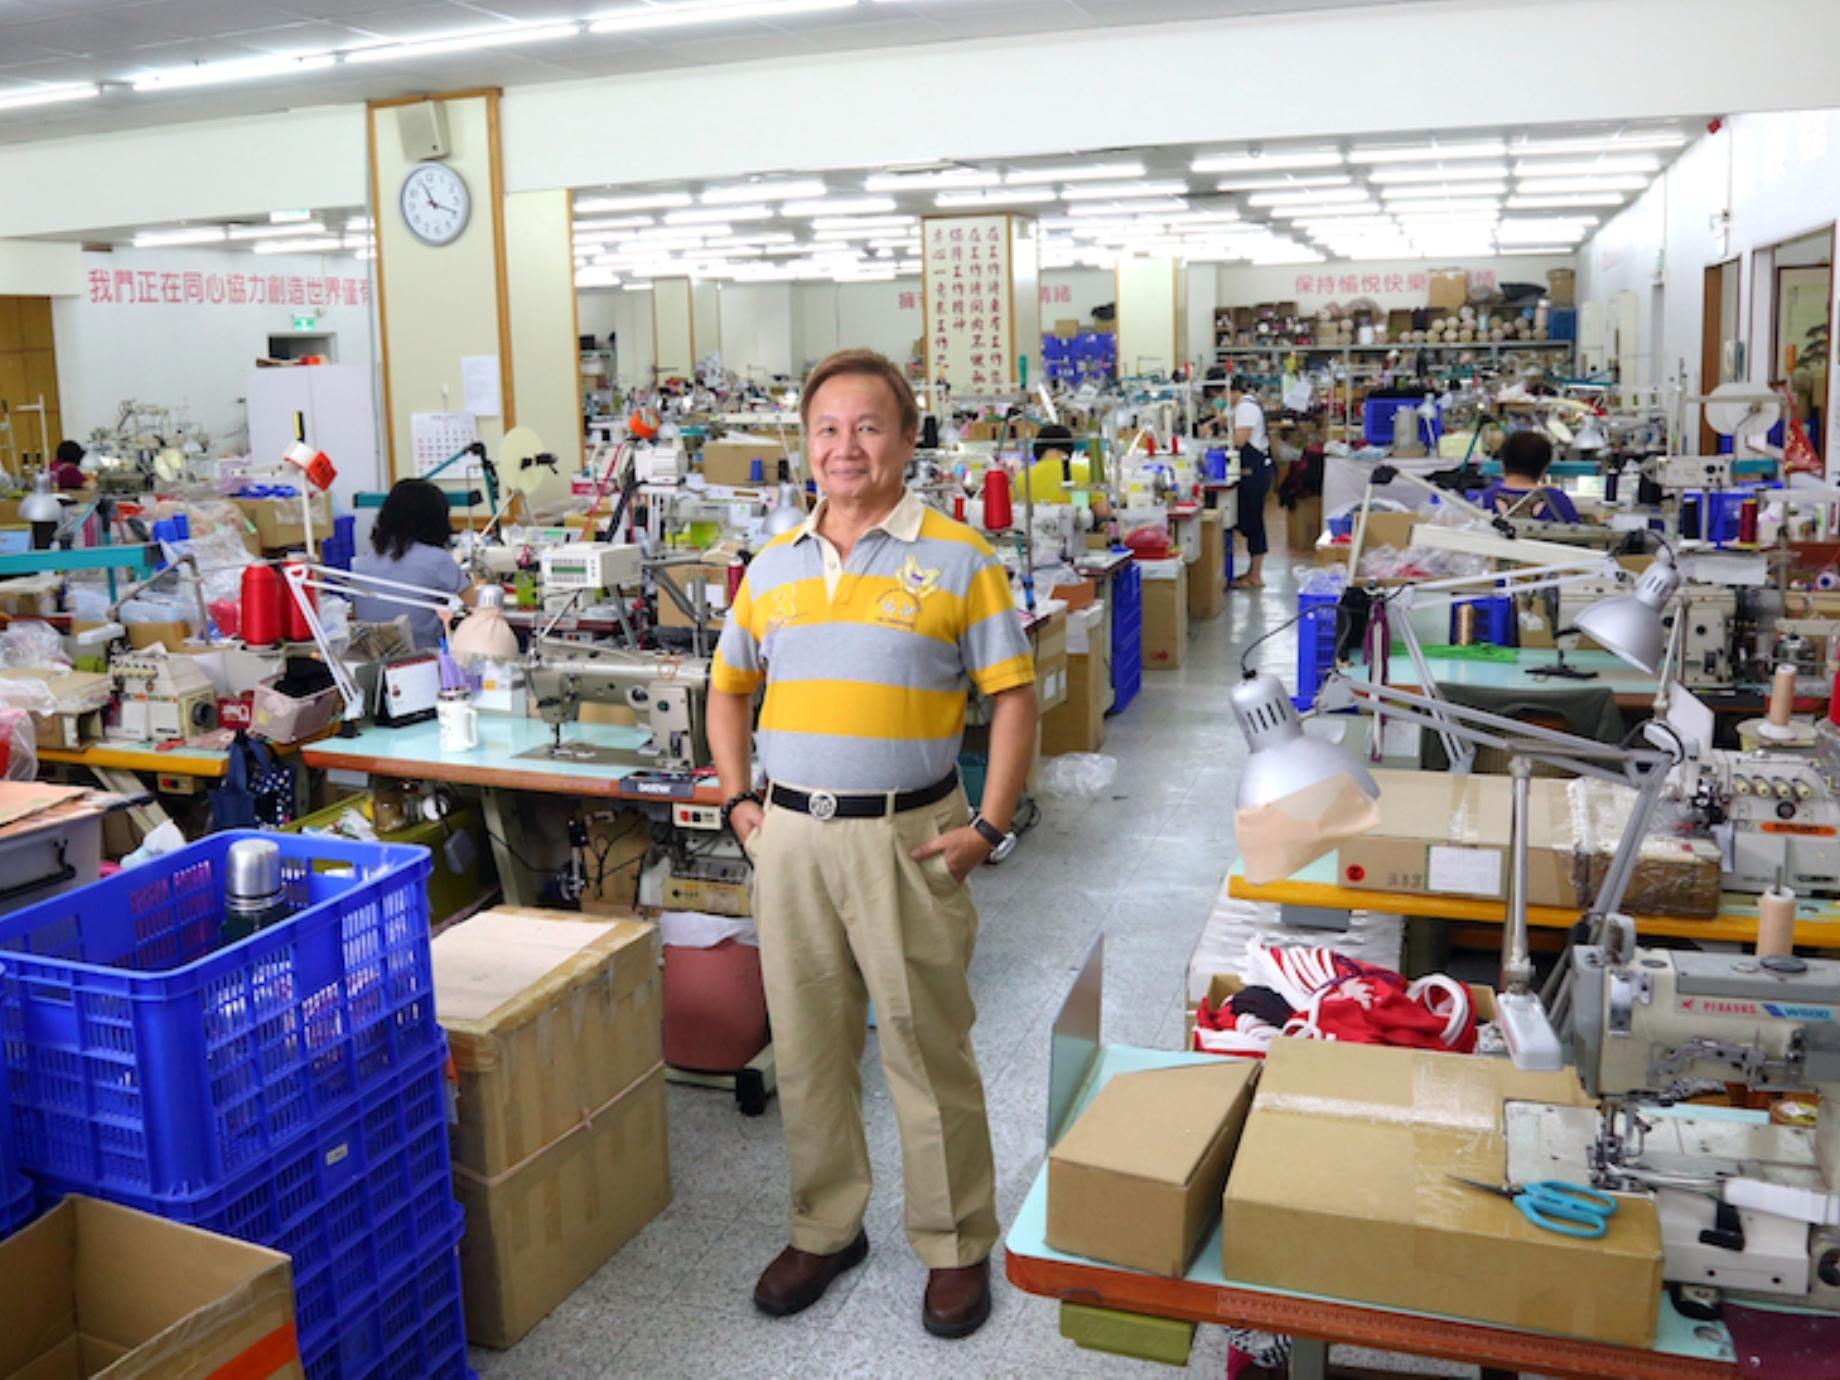 看準客製調整型內衣市場,春億國際大陸接單、台灣生產,創造數10億年營收